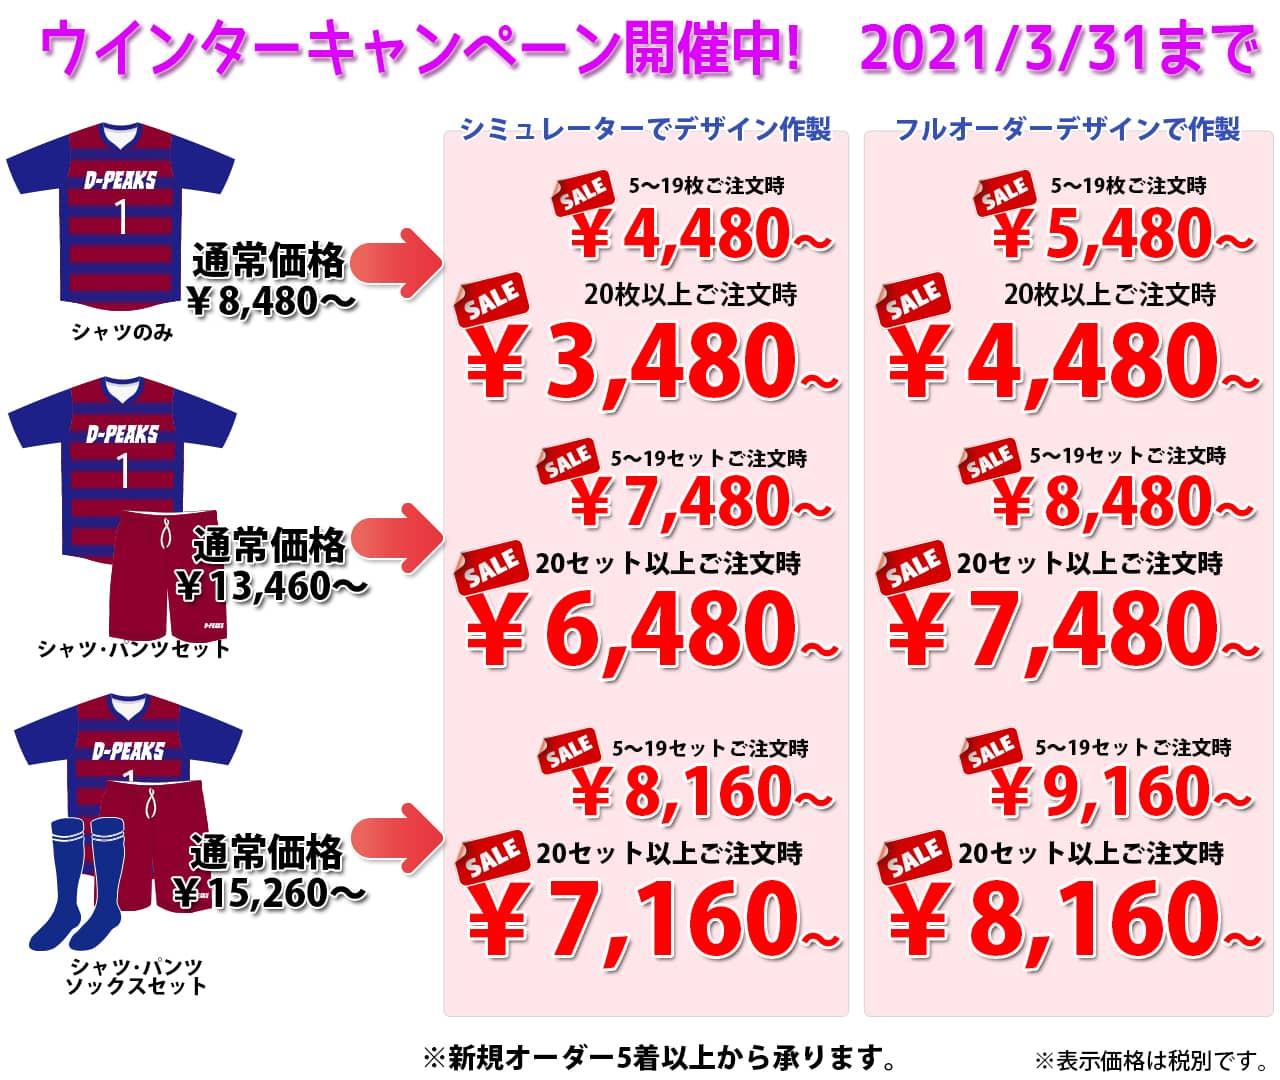 ドッジボールのオリジナルオーダーユニフォームのDodgeball-Peaks(ドッジボールピークス)の冬のキャンペーン価格表。